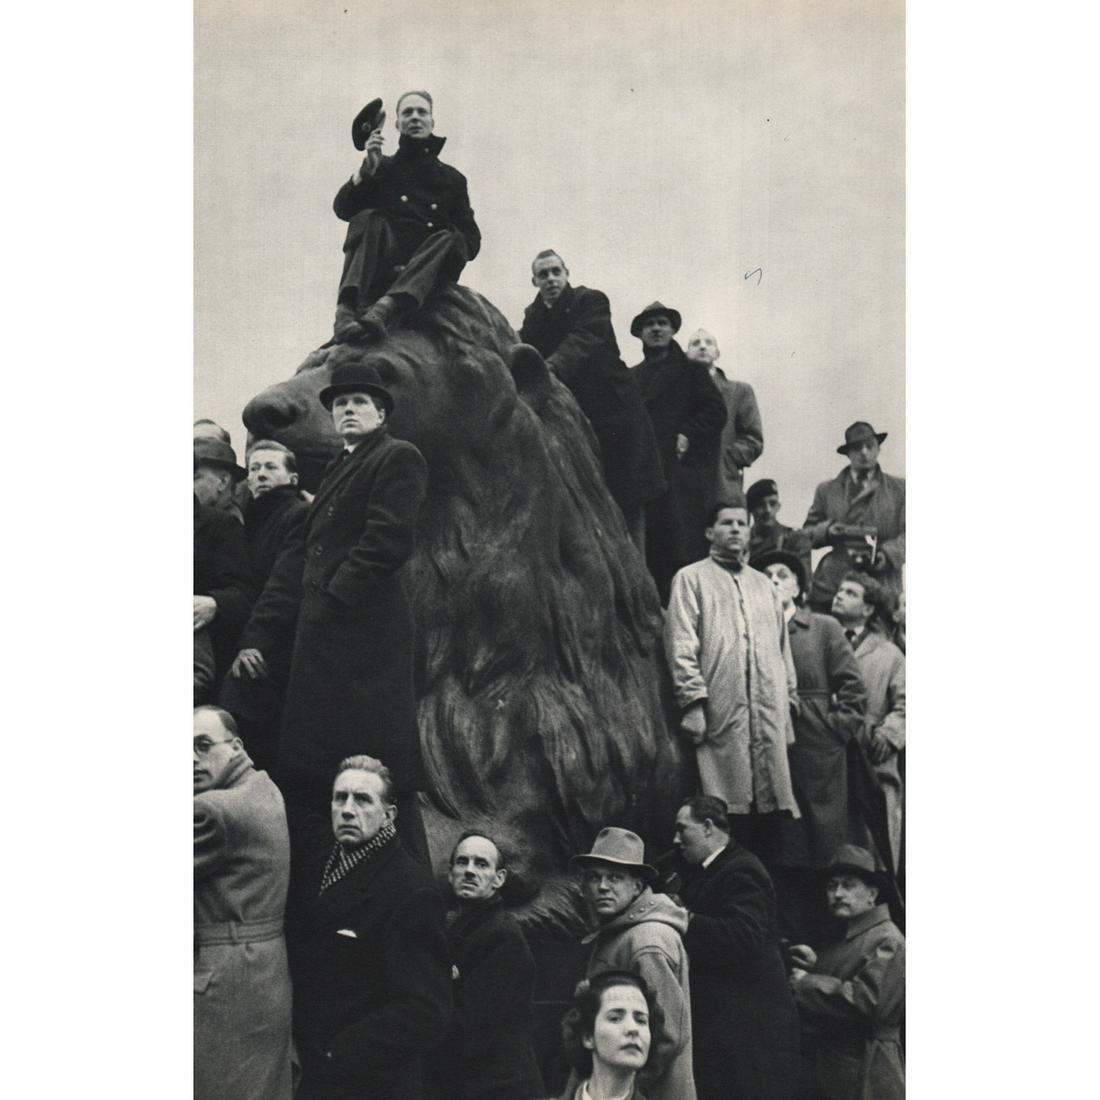 HENRI CARTIER-BRESSON - Funeral Ceremony of George VI